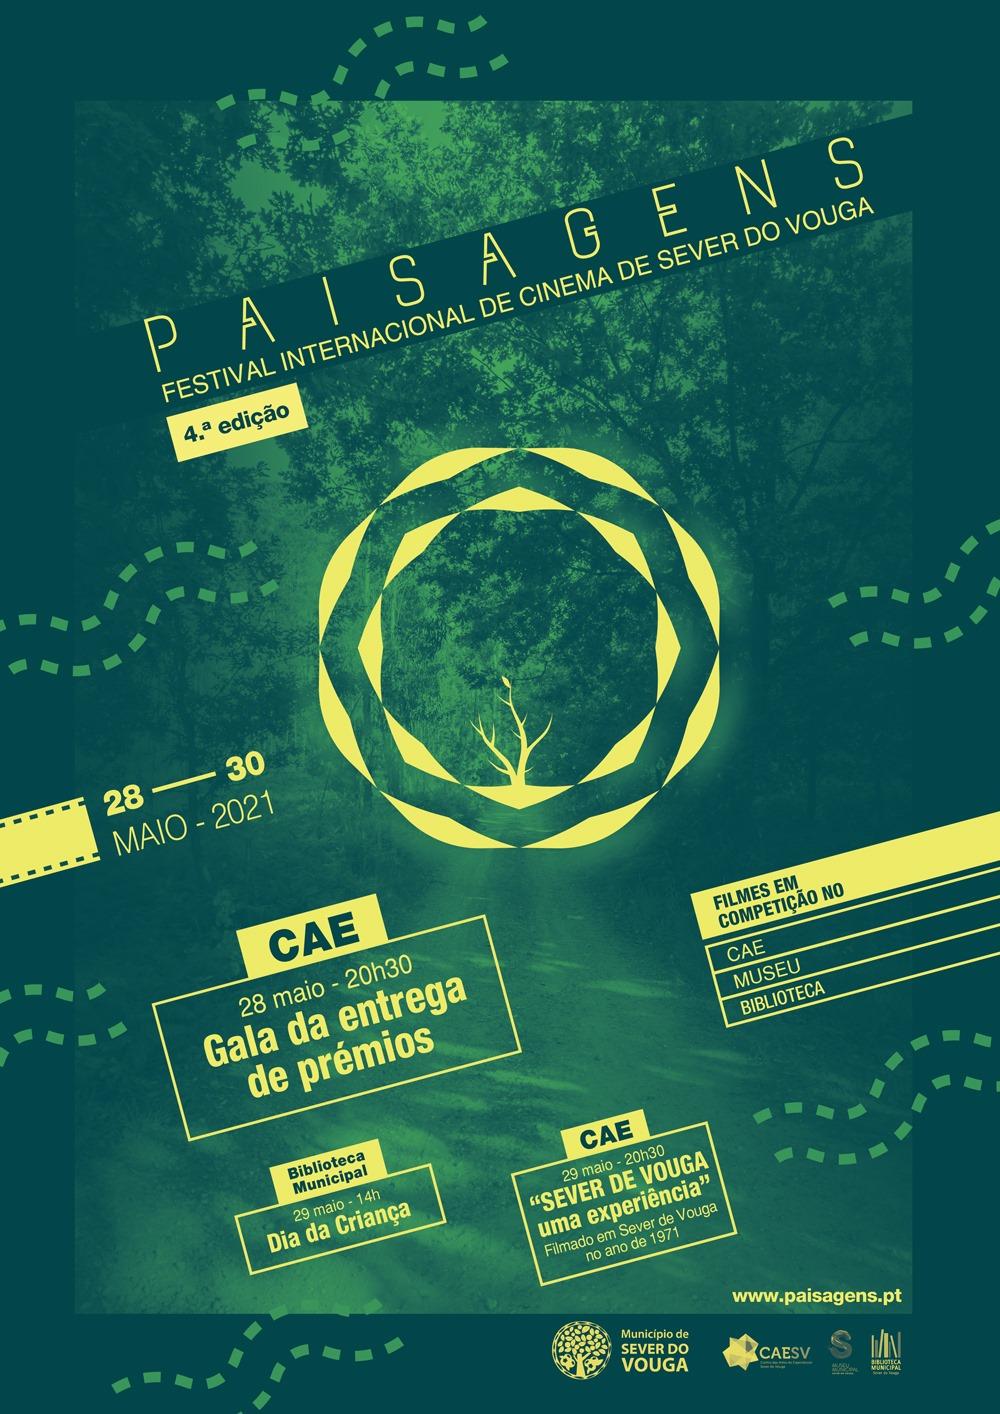 PAISAGENS - Festival Internacional de Cinema de Sever do Vouga IV - CURTAS